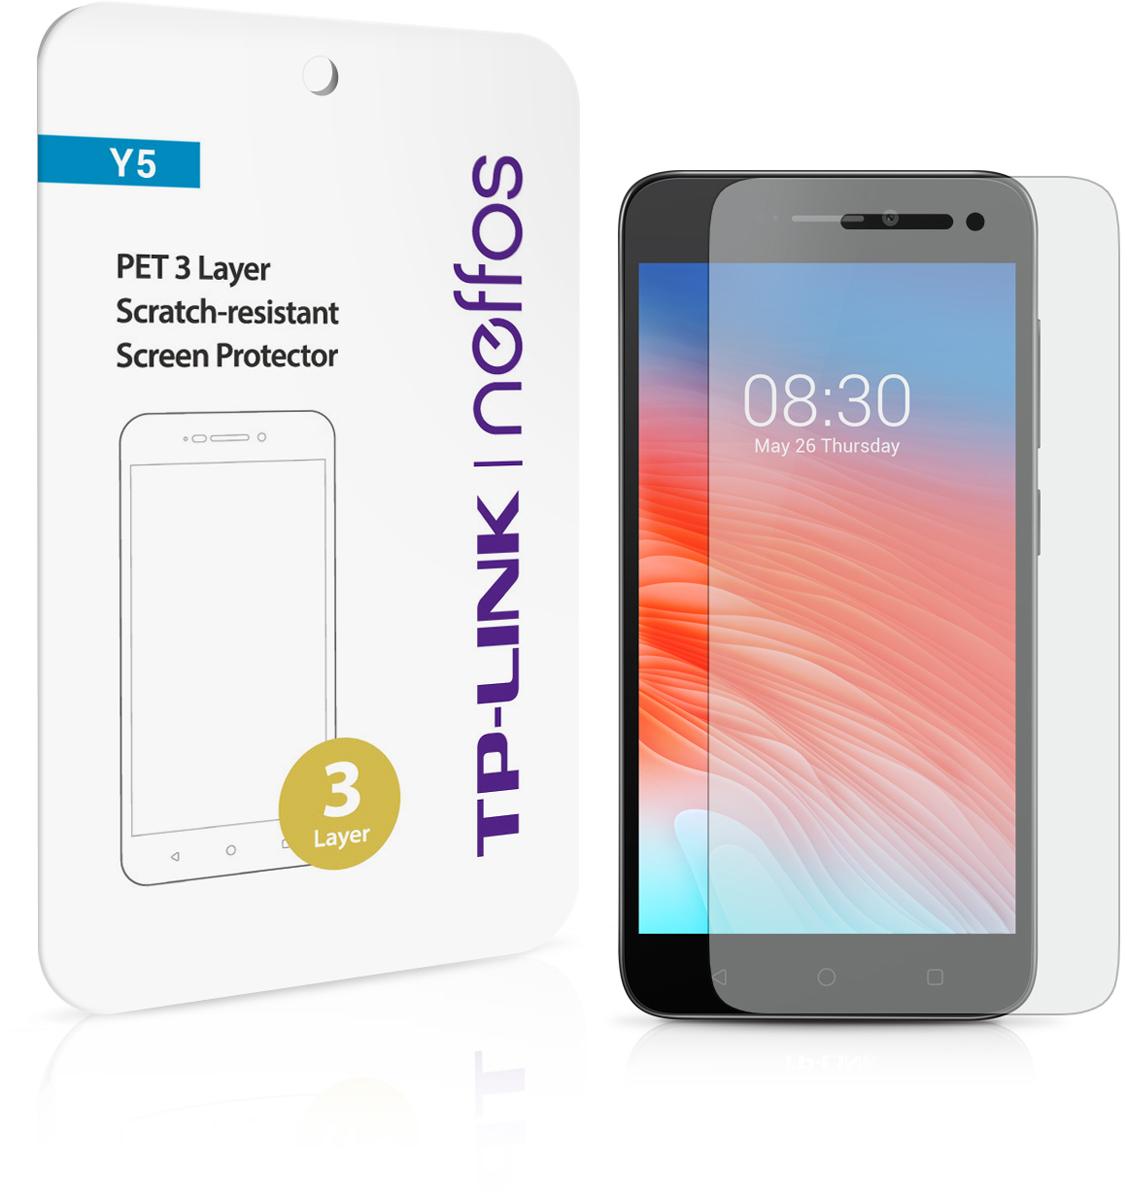 Neffos защитная пленка 3-слойная для Neffos Y5 для tp link neffos y5 дело тпу дело lovphone тпу телефон дело прикрыть tp связь neffos y5